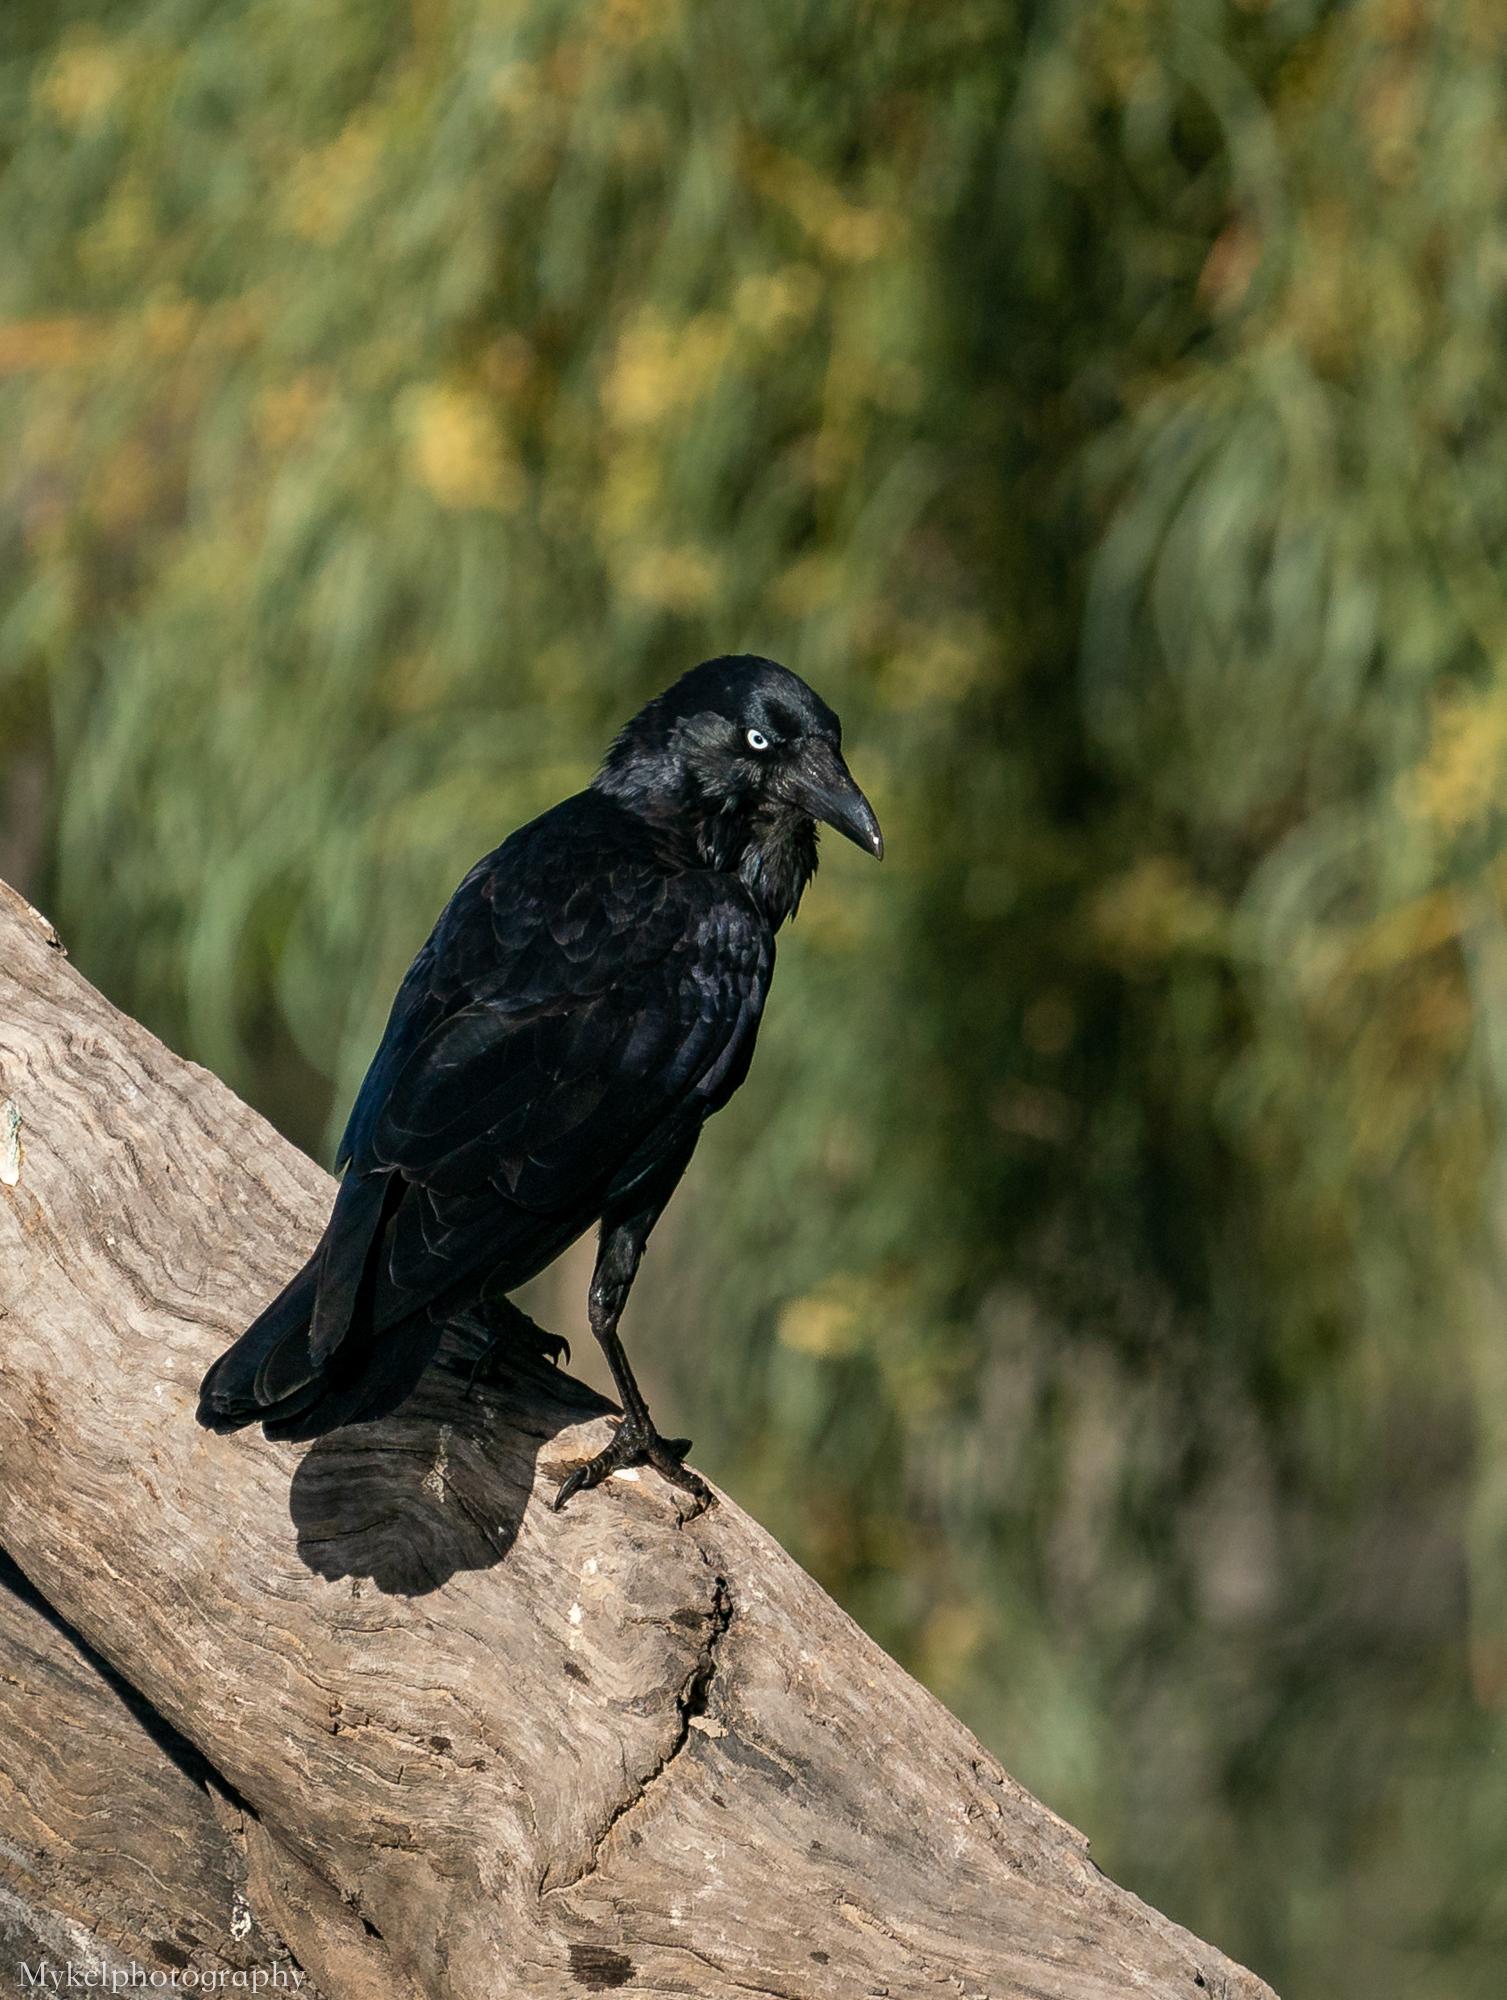 Australian Raven  Corvus coronoides  Corvidae